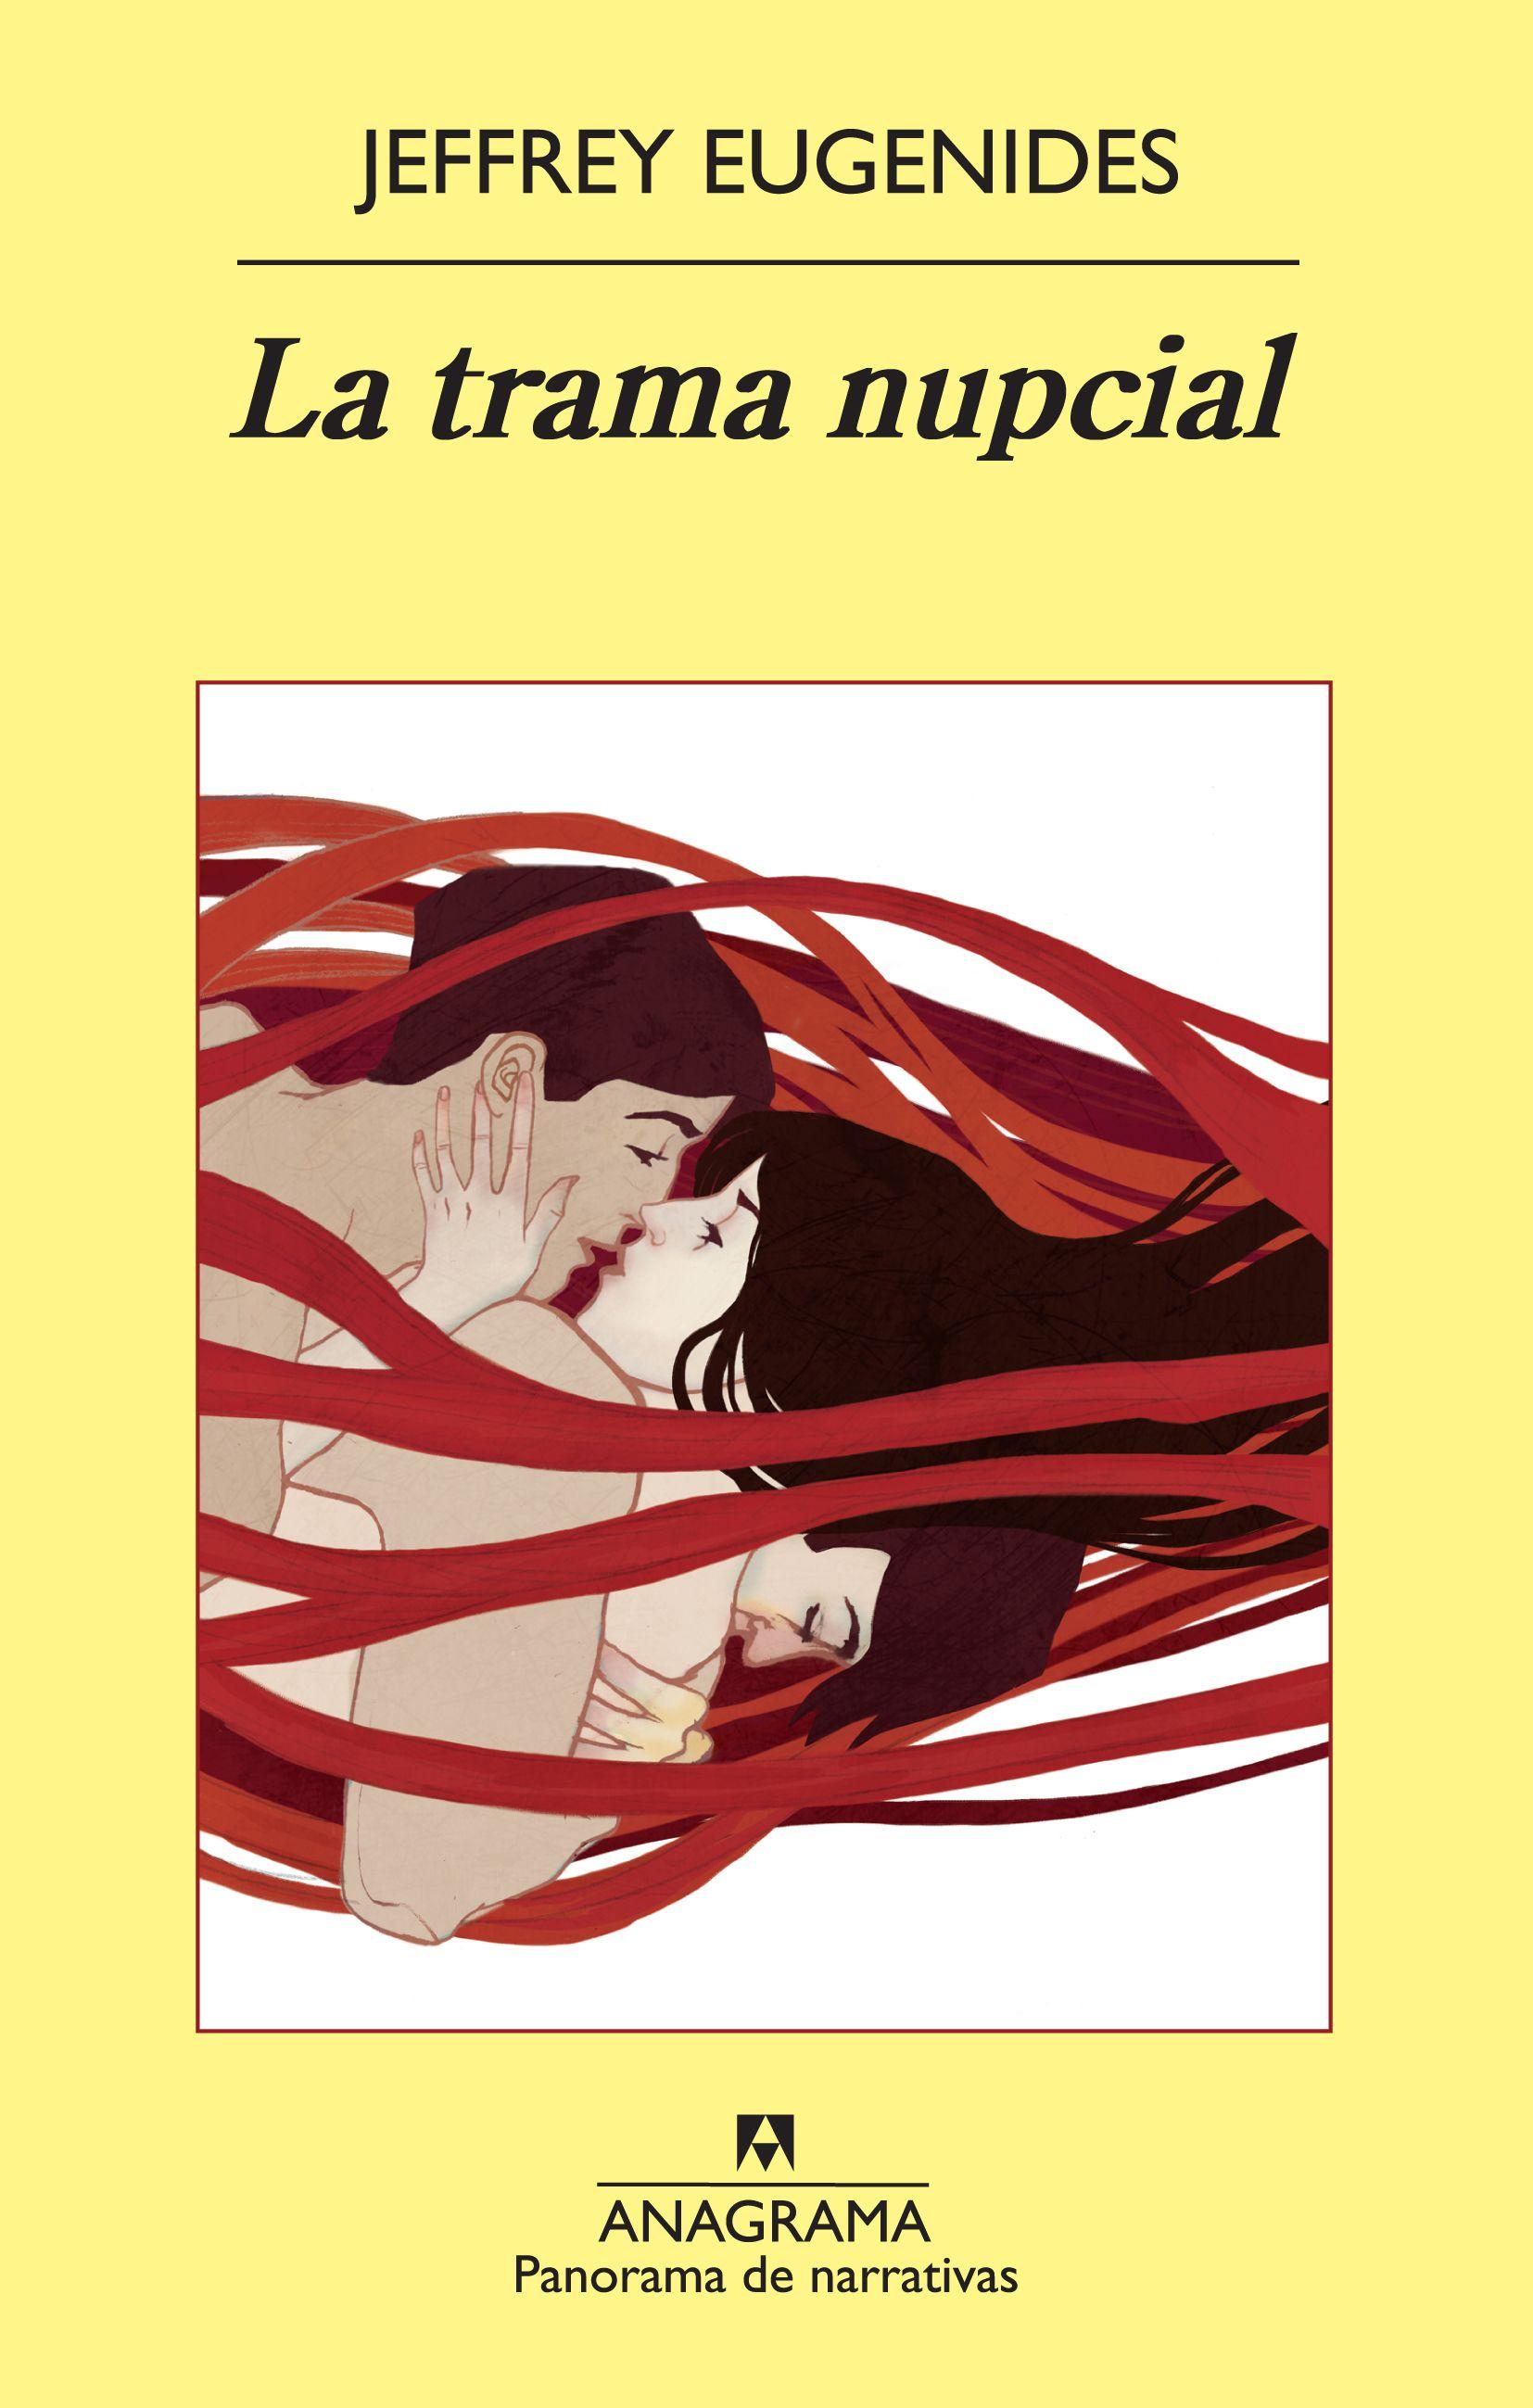 LA TRAMA NUPCIAL | JEFFREY EUGENIDES | Comprar libro 9788433978585